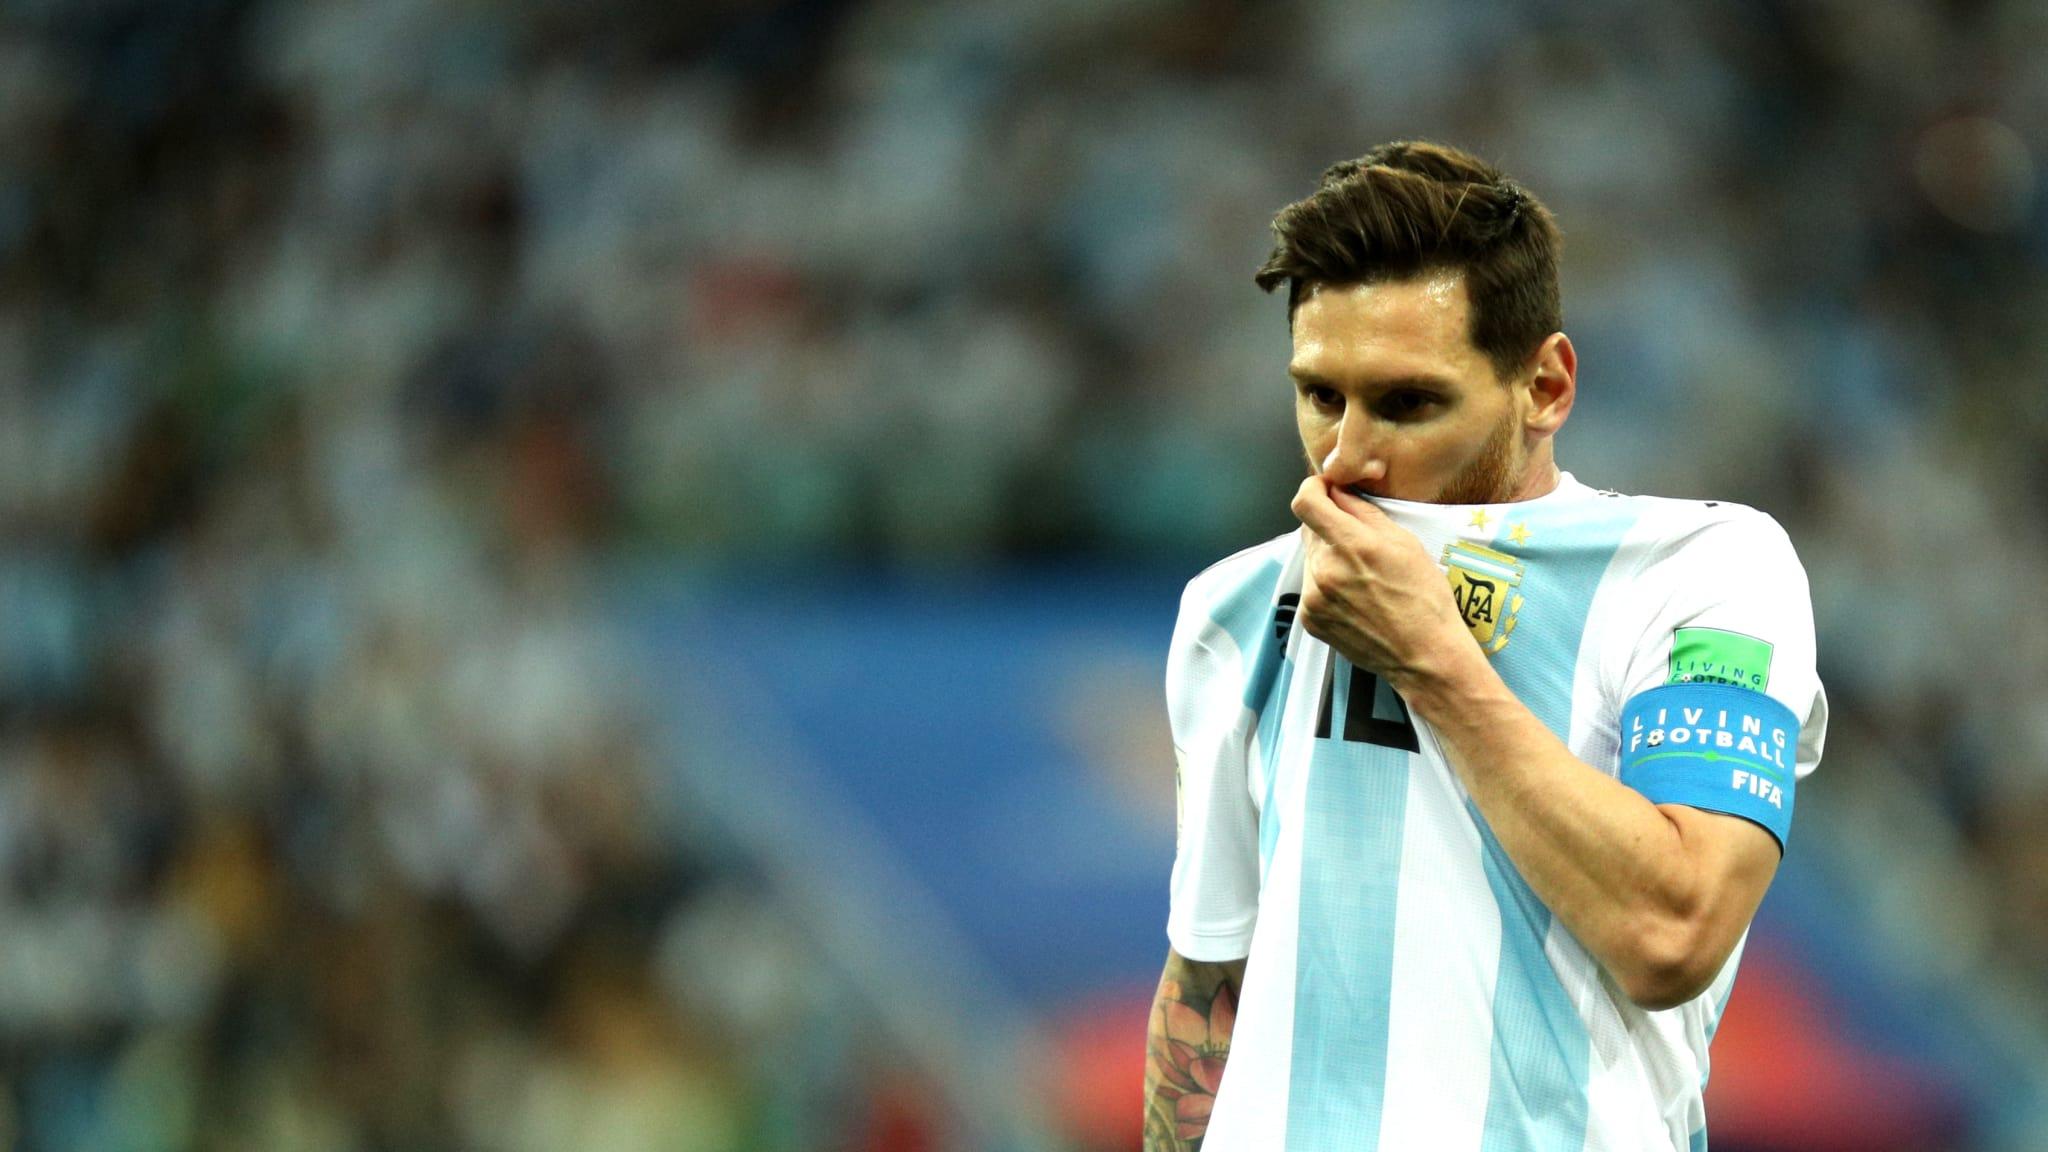 TERPUKUL. Lionel Messi terlihat terpukul dengan hasil pertandingan melawan Kroasia. Foto dari FIFA.com